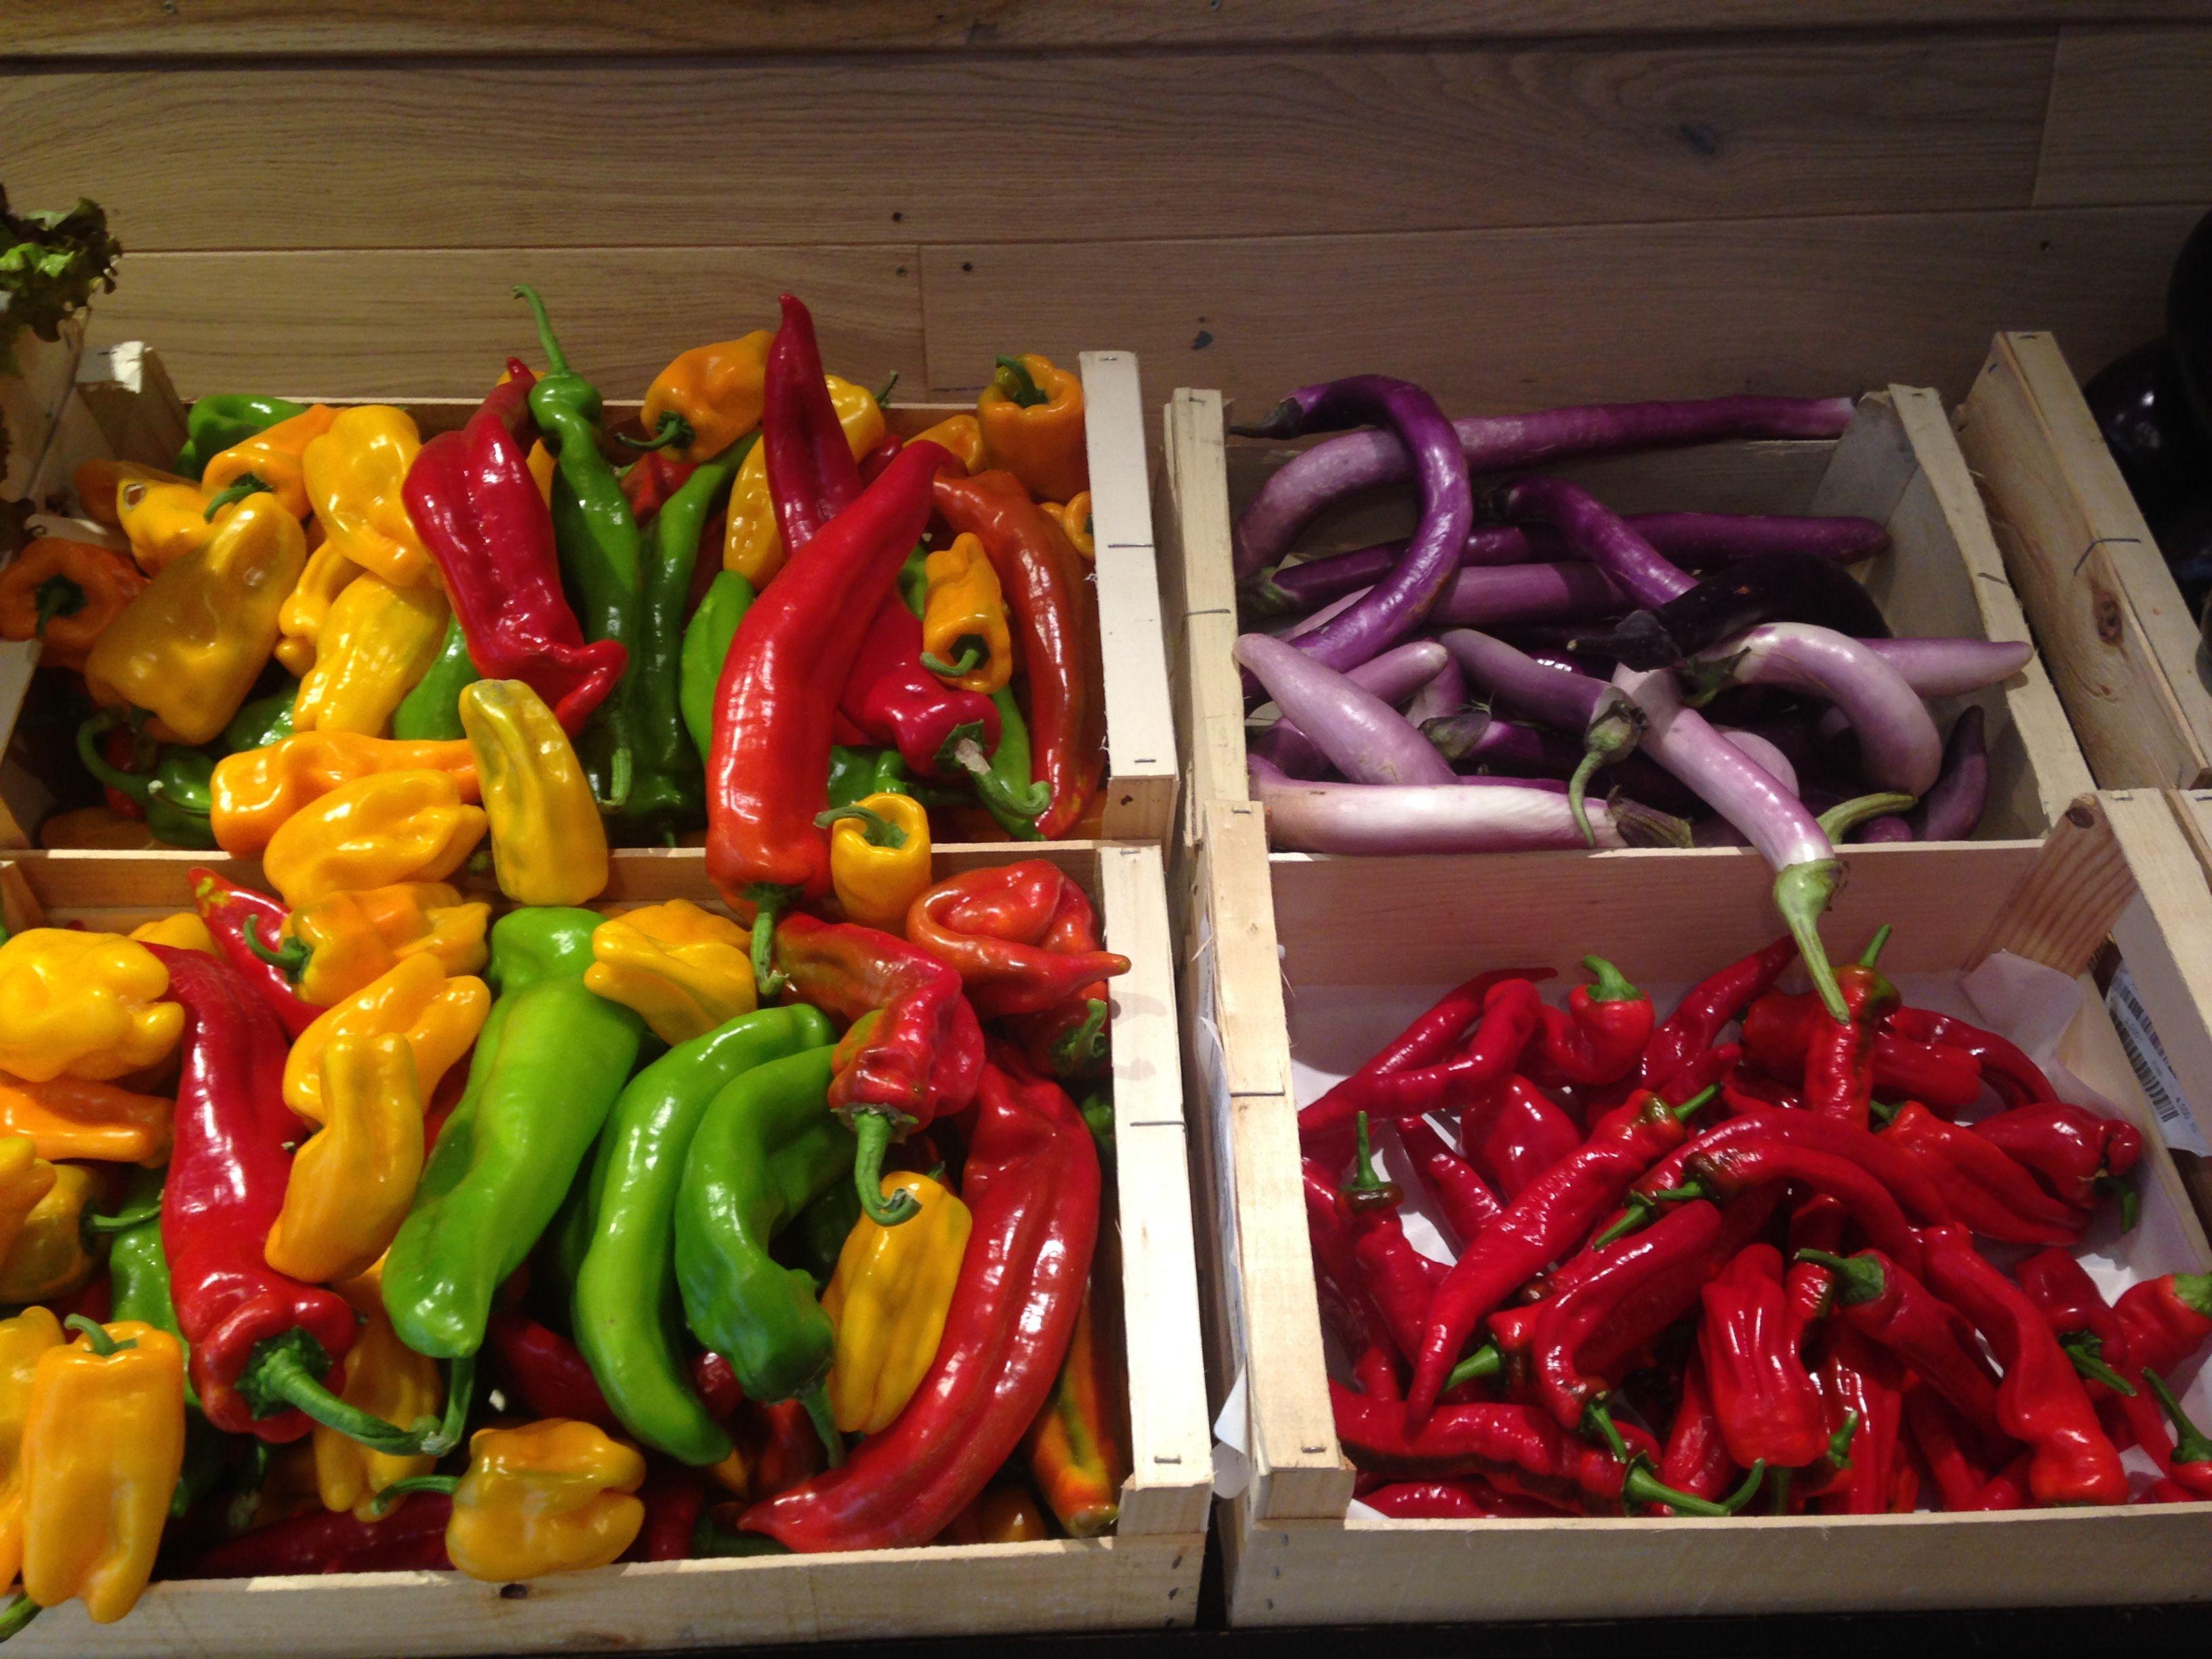 Avoir des produits de grands chefs sur sa table, c'est maintenant possible, grâce à des magasins alimentaires d'un nouveau genre